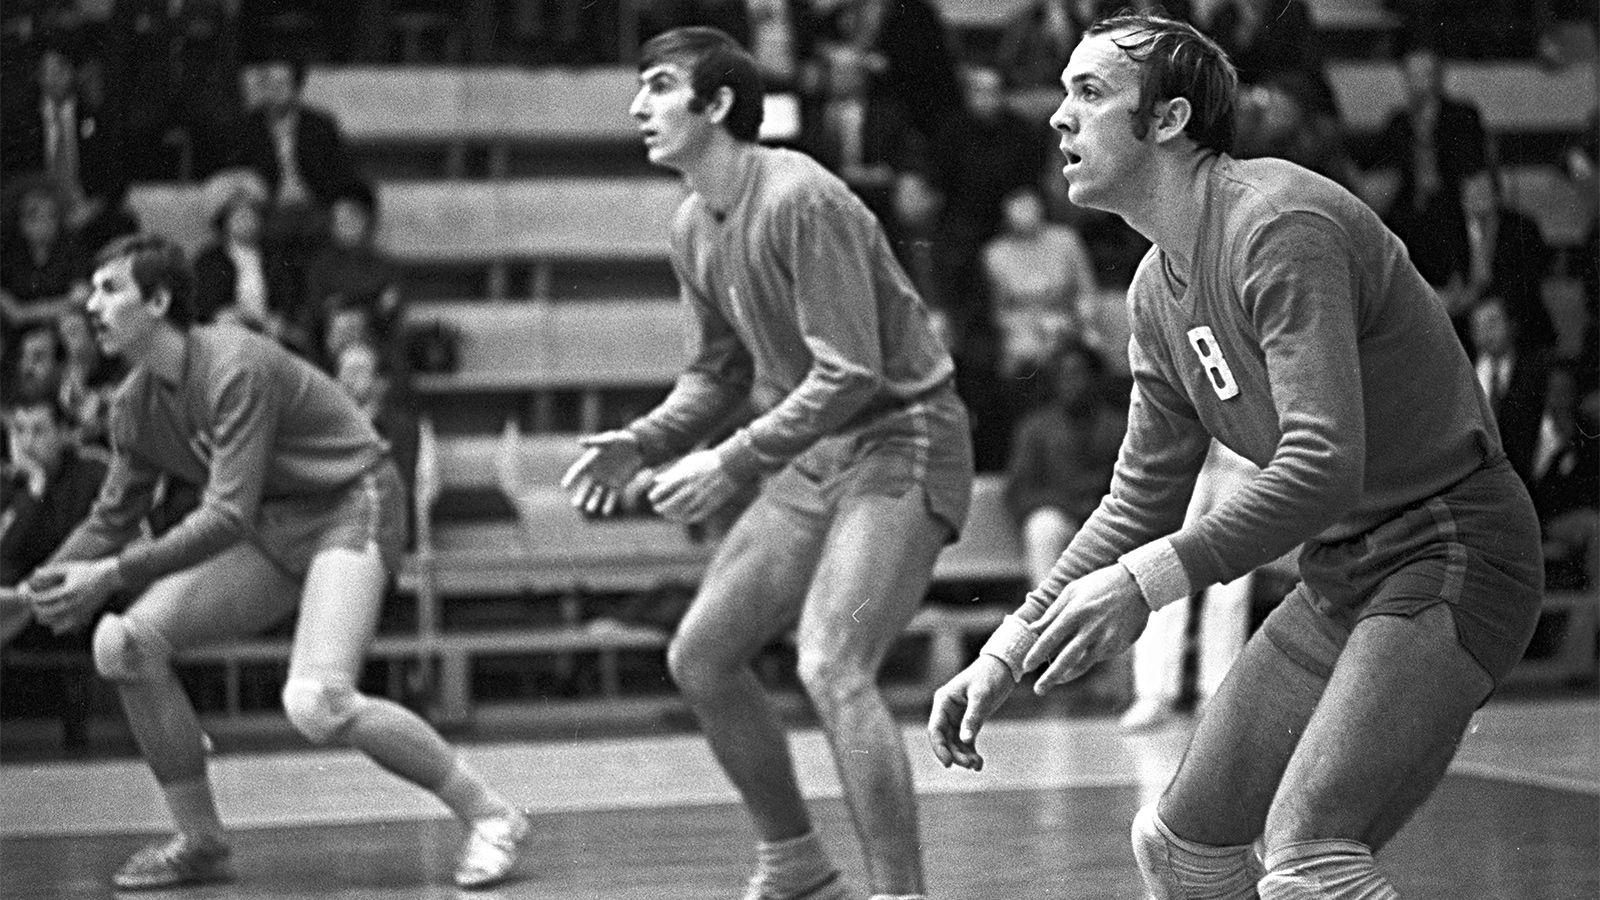 Его сравнивали с Пеле, но считали, что он «опоздал родиться». Легенда советского волейбола Владимир Кондра